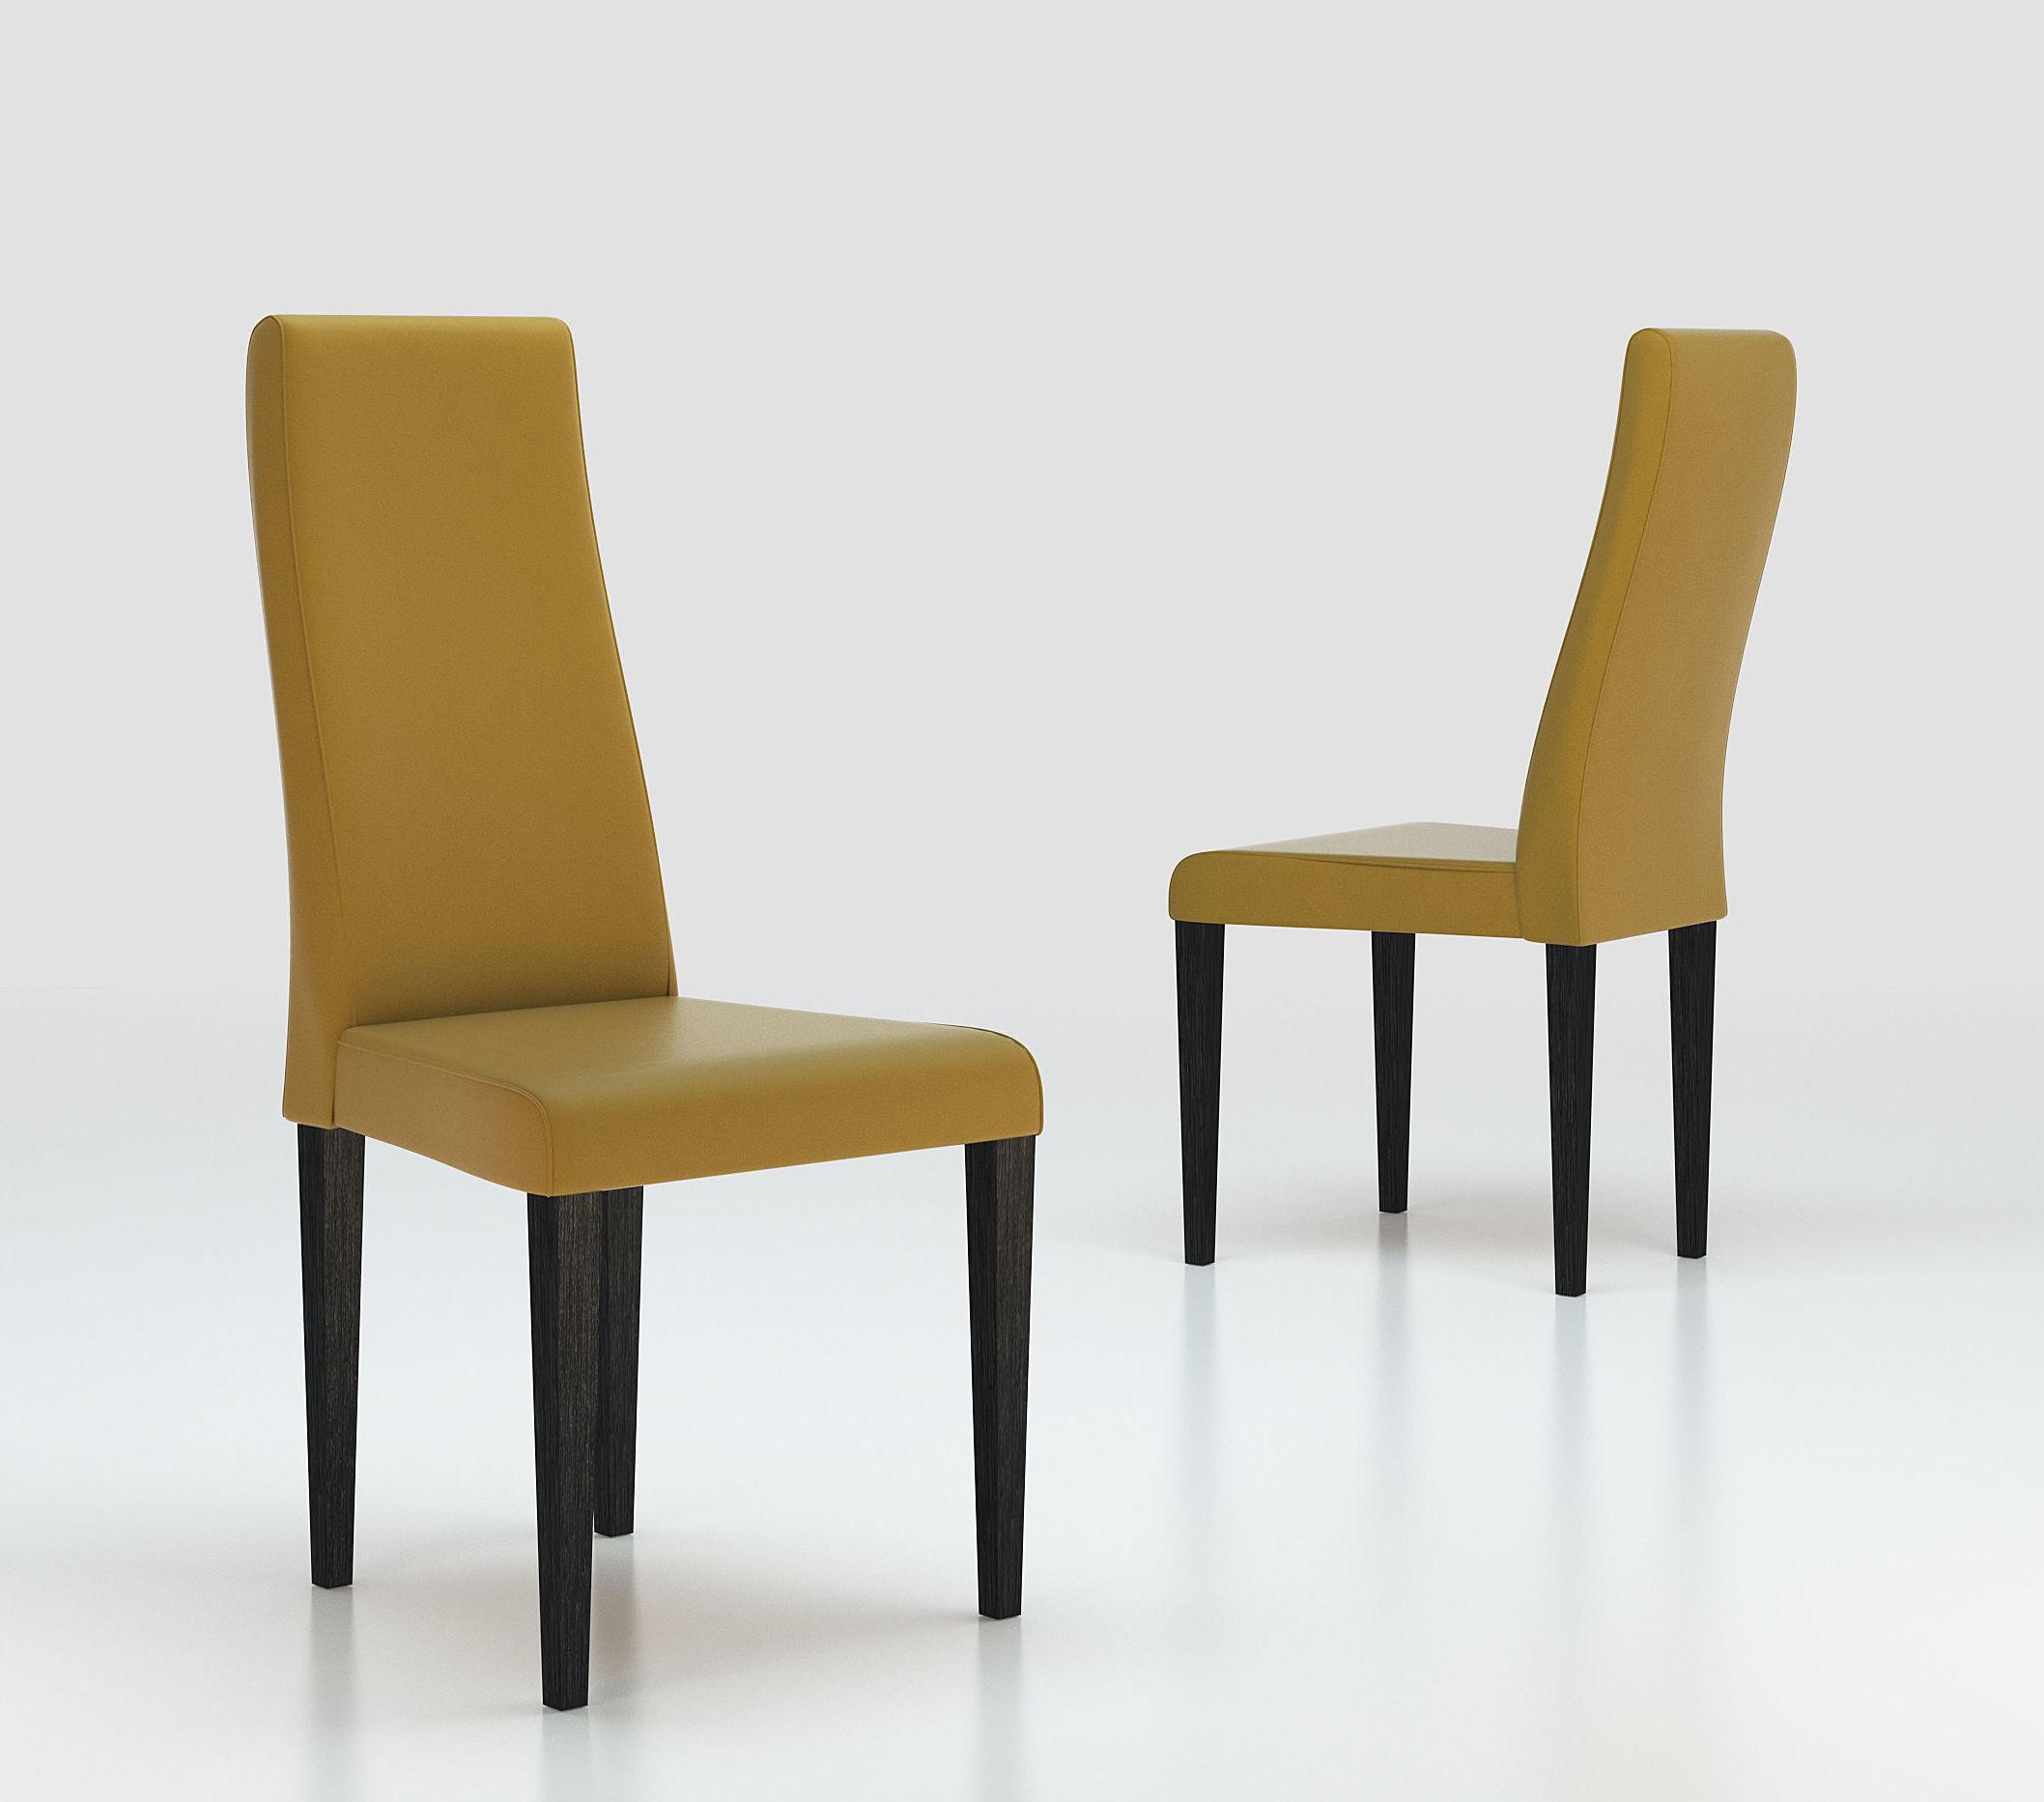 Mesas de sal n y sillas colecci n enzo cat logo de muebles y sof s de goga muebles complementos - Mesas y sillas de salon ...